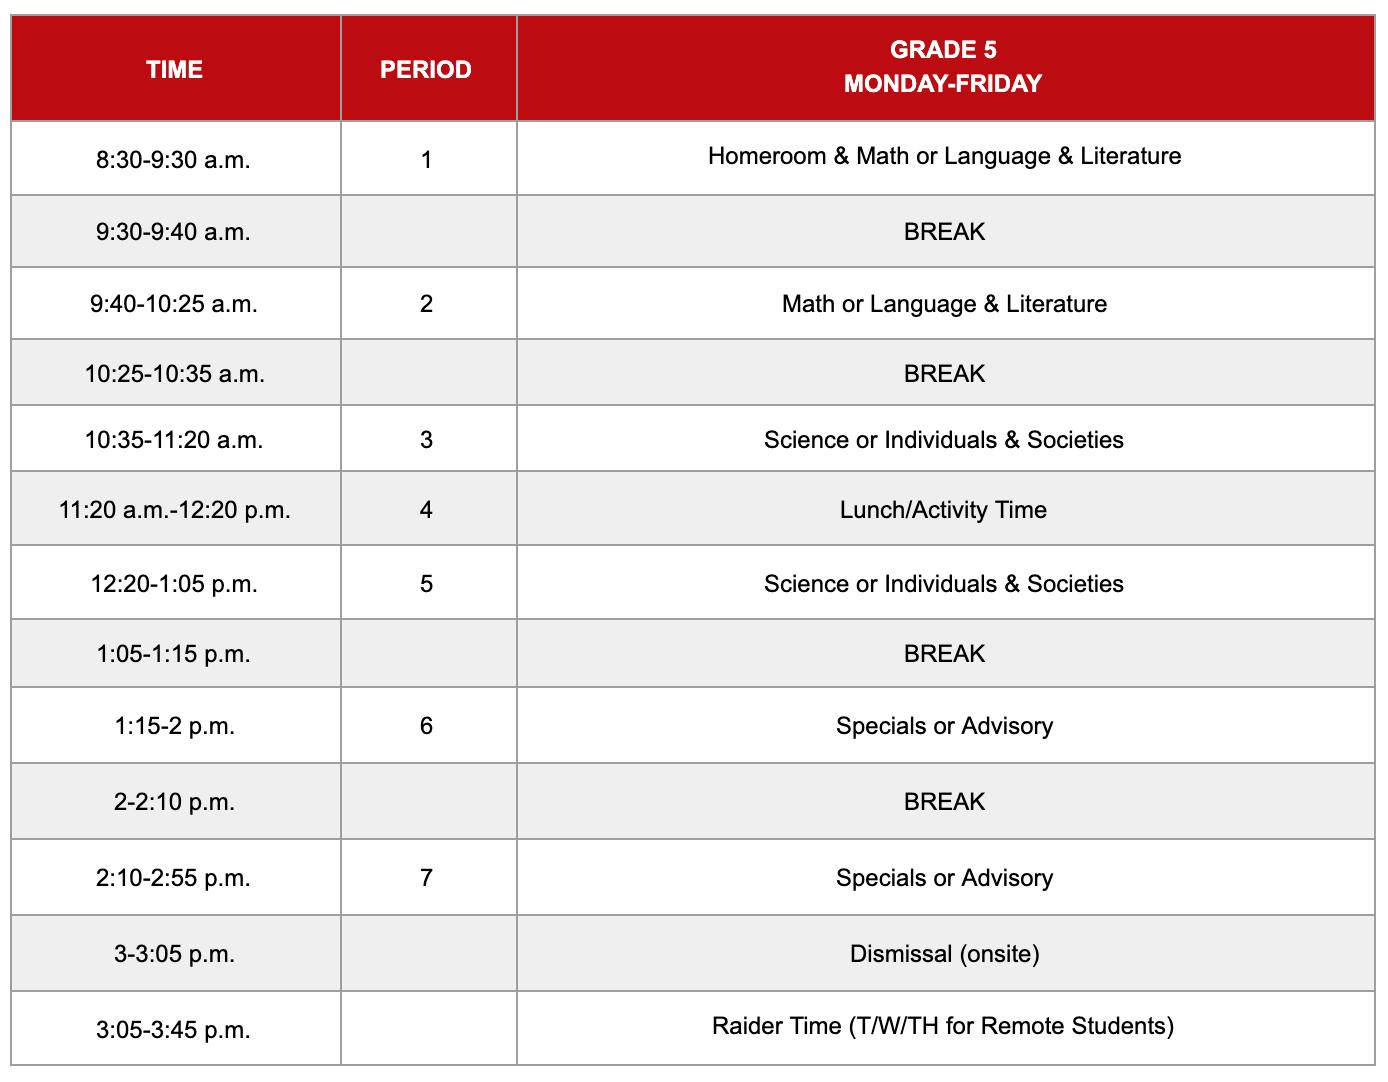 Grade 5 Hybrid Schedule